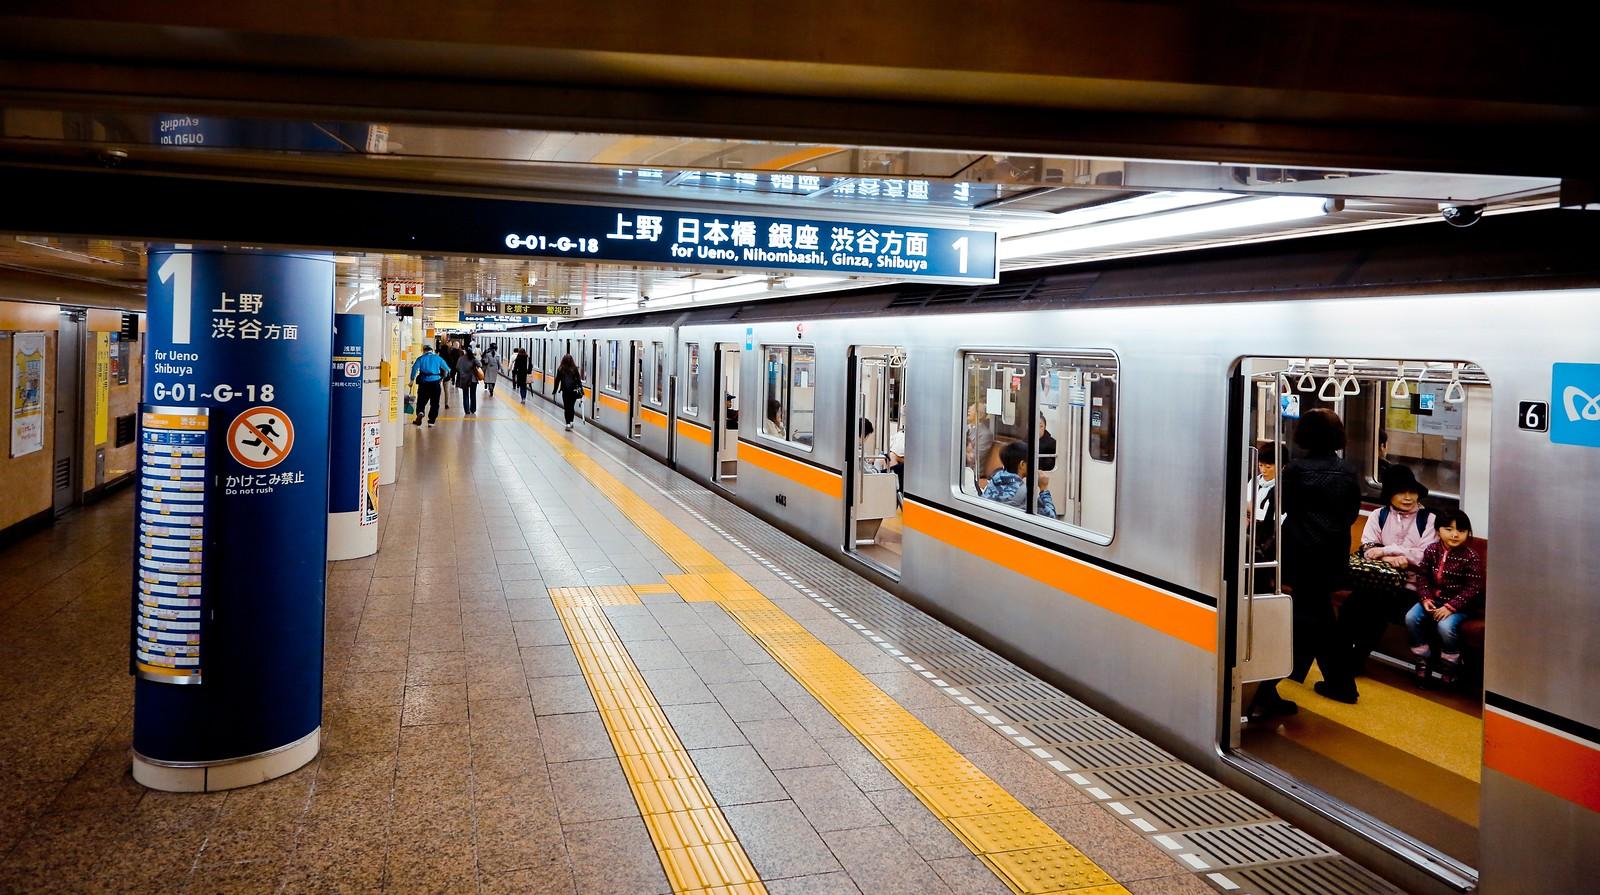 日本地铁_日本铁路心得-坐火车游日本其实很简单